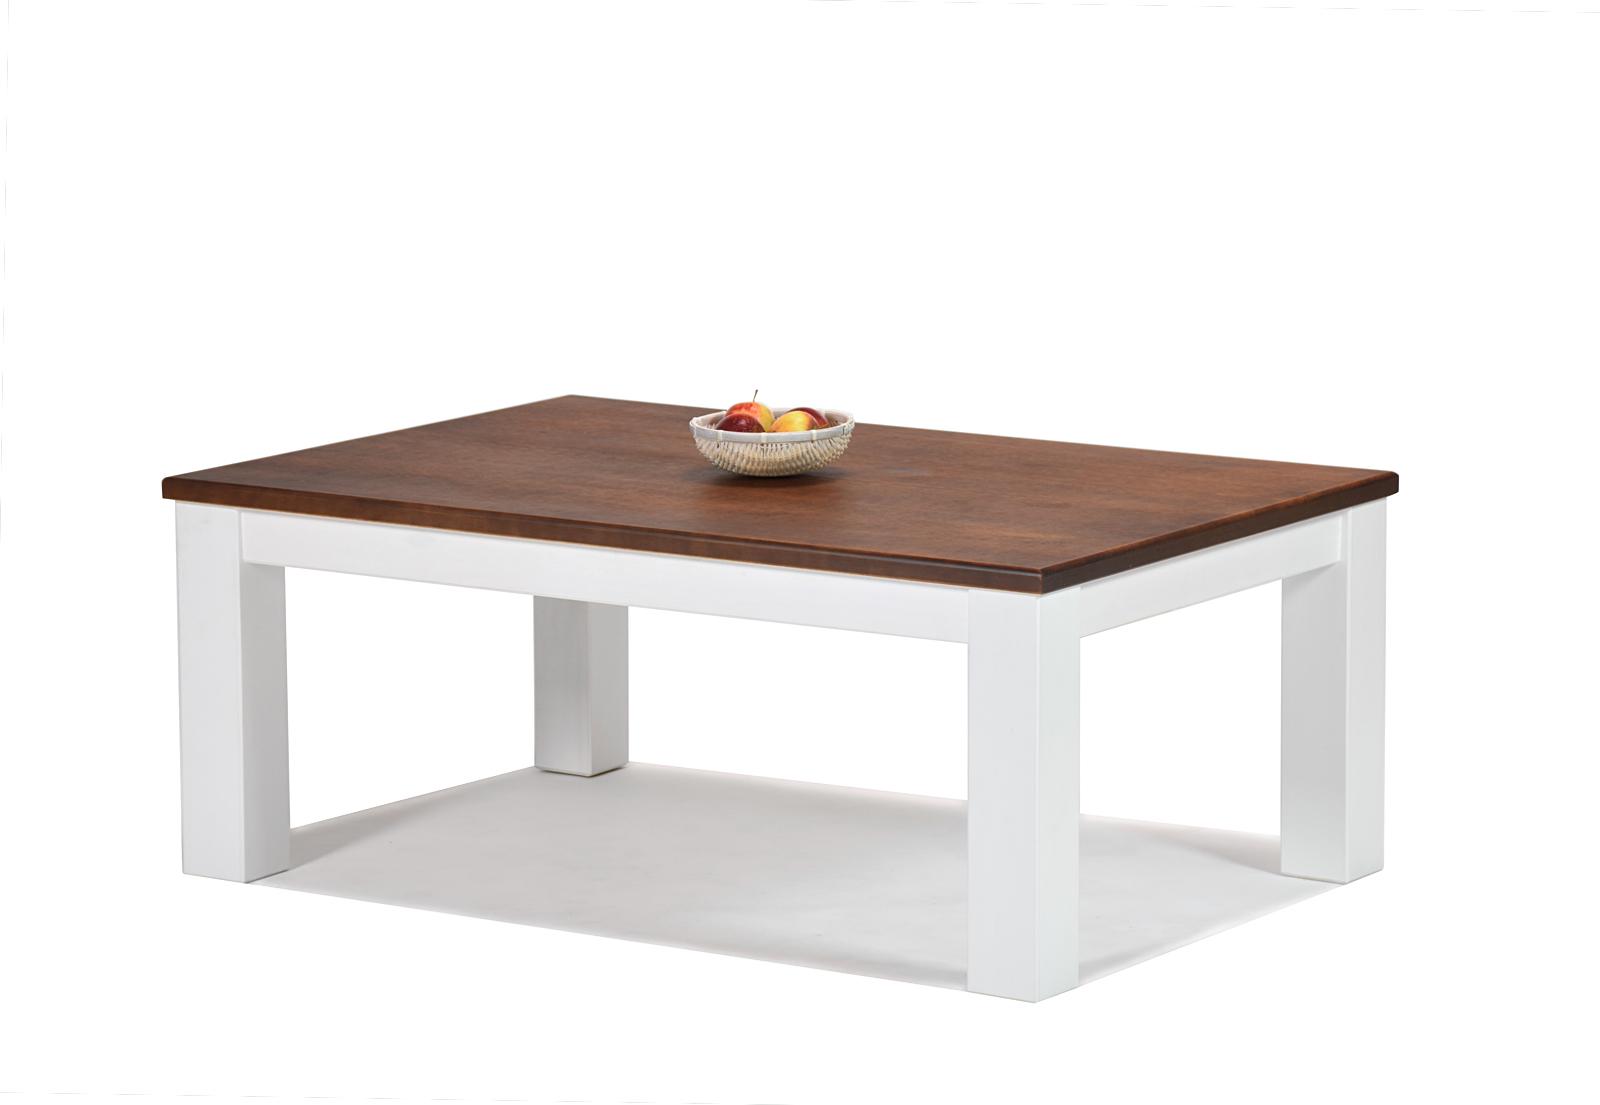 Couchtisch Rio Landhaus Tisch 120x80cm Pinie Massivholz